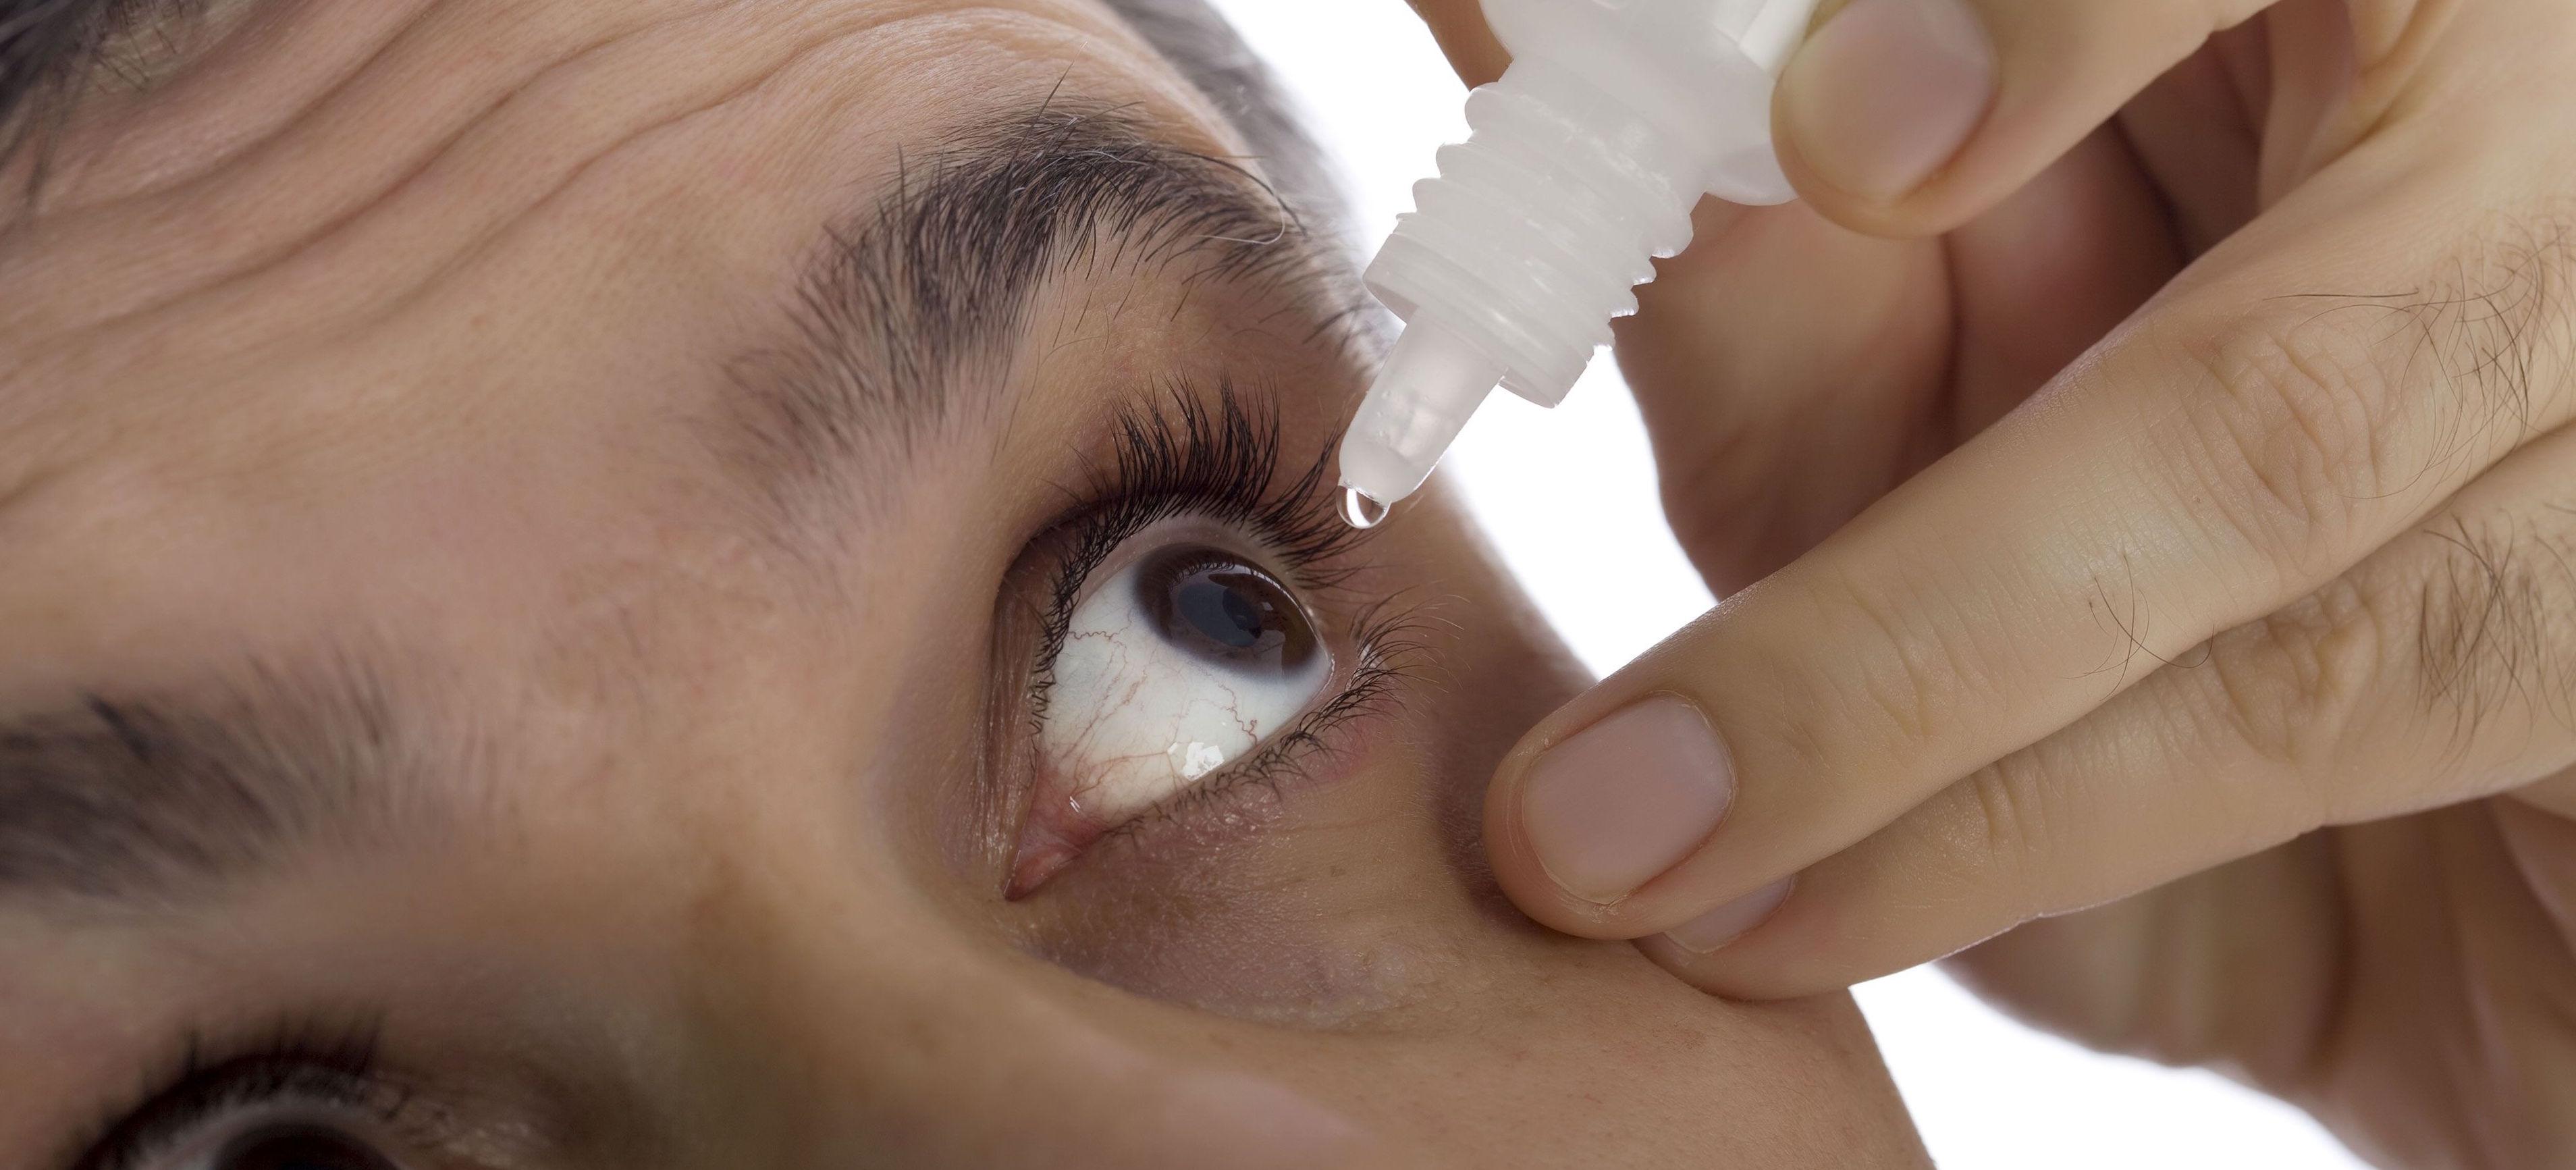 Lágrimas artificiales para tratar la leucemia...